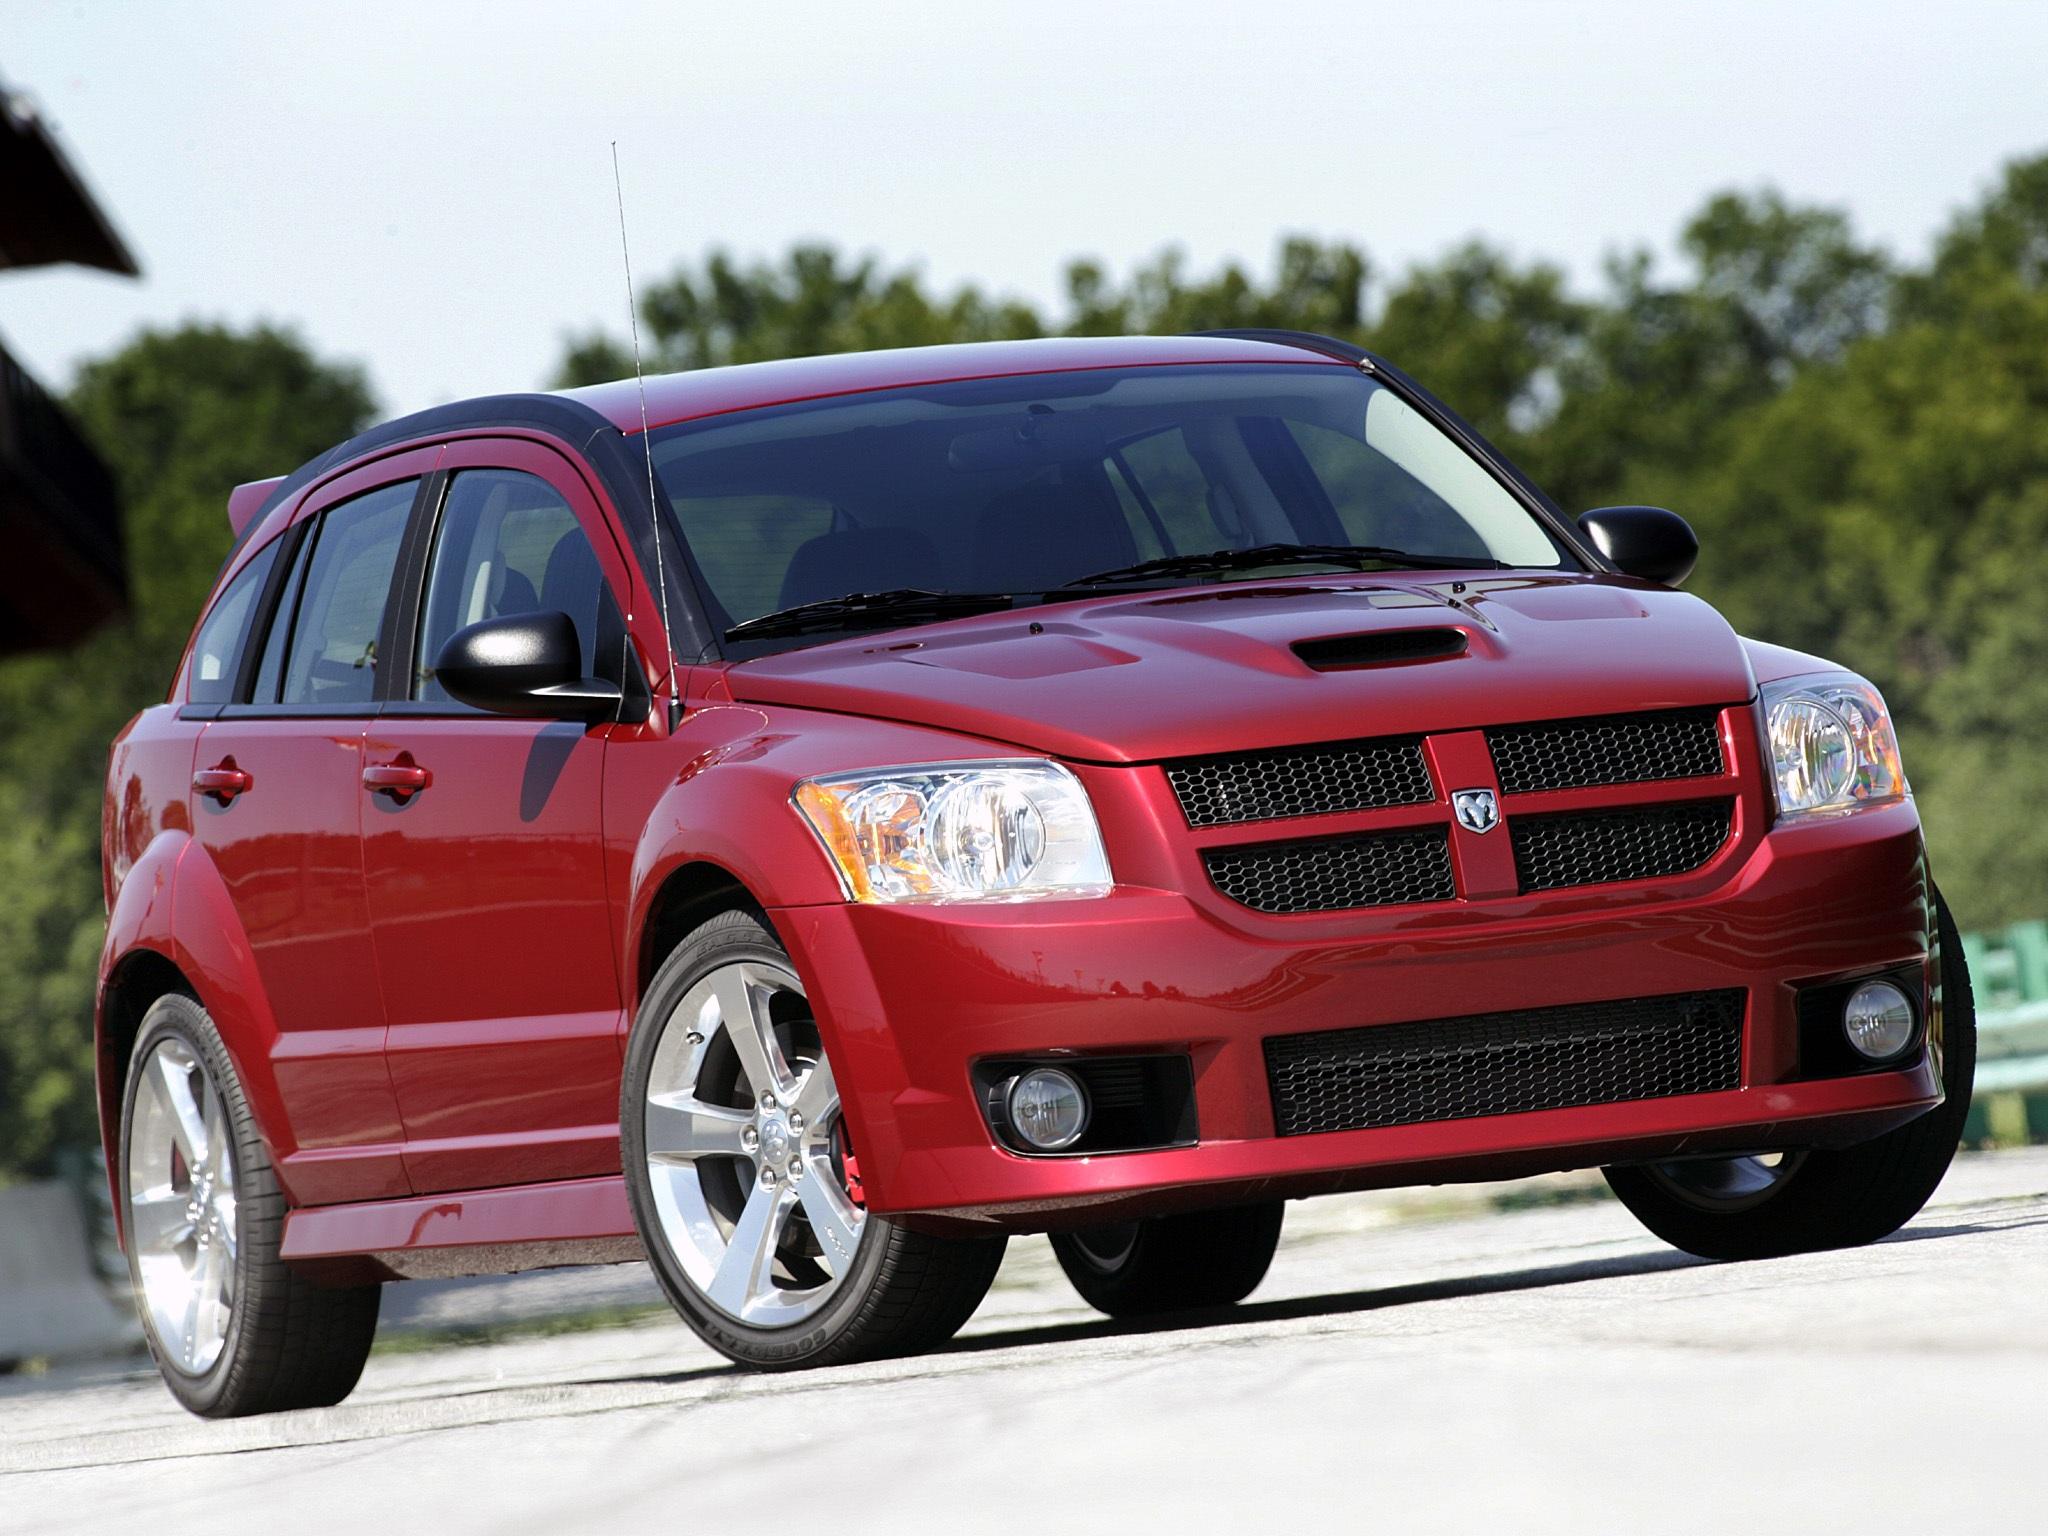 Автомобиль Dodge Caliber